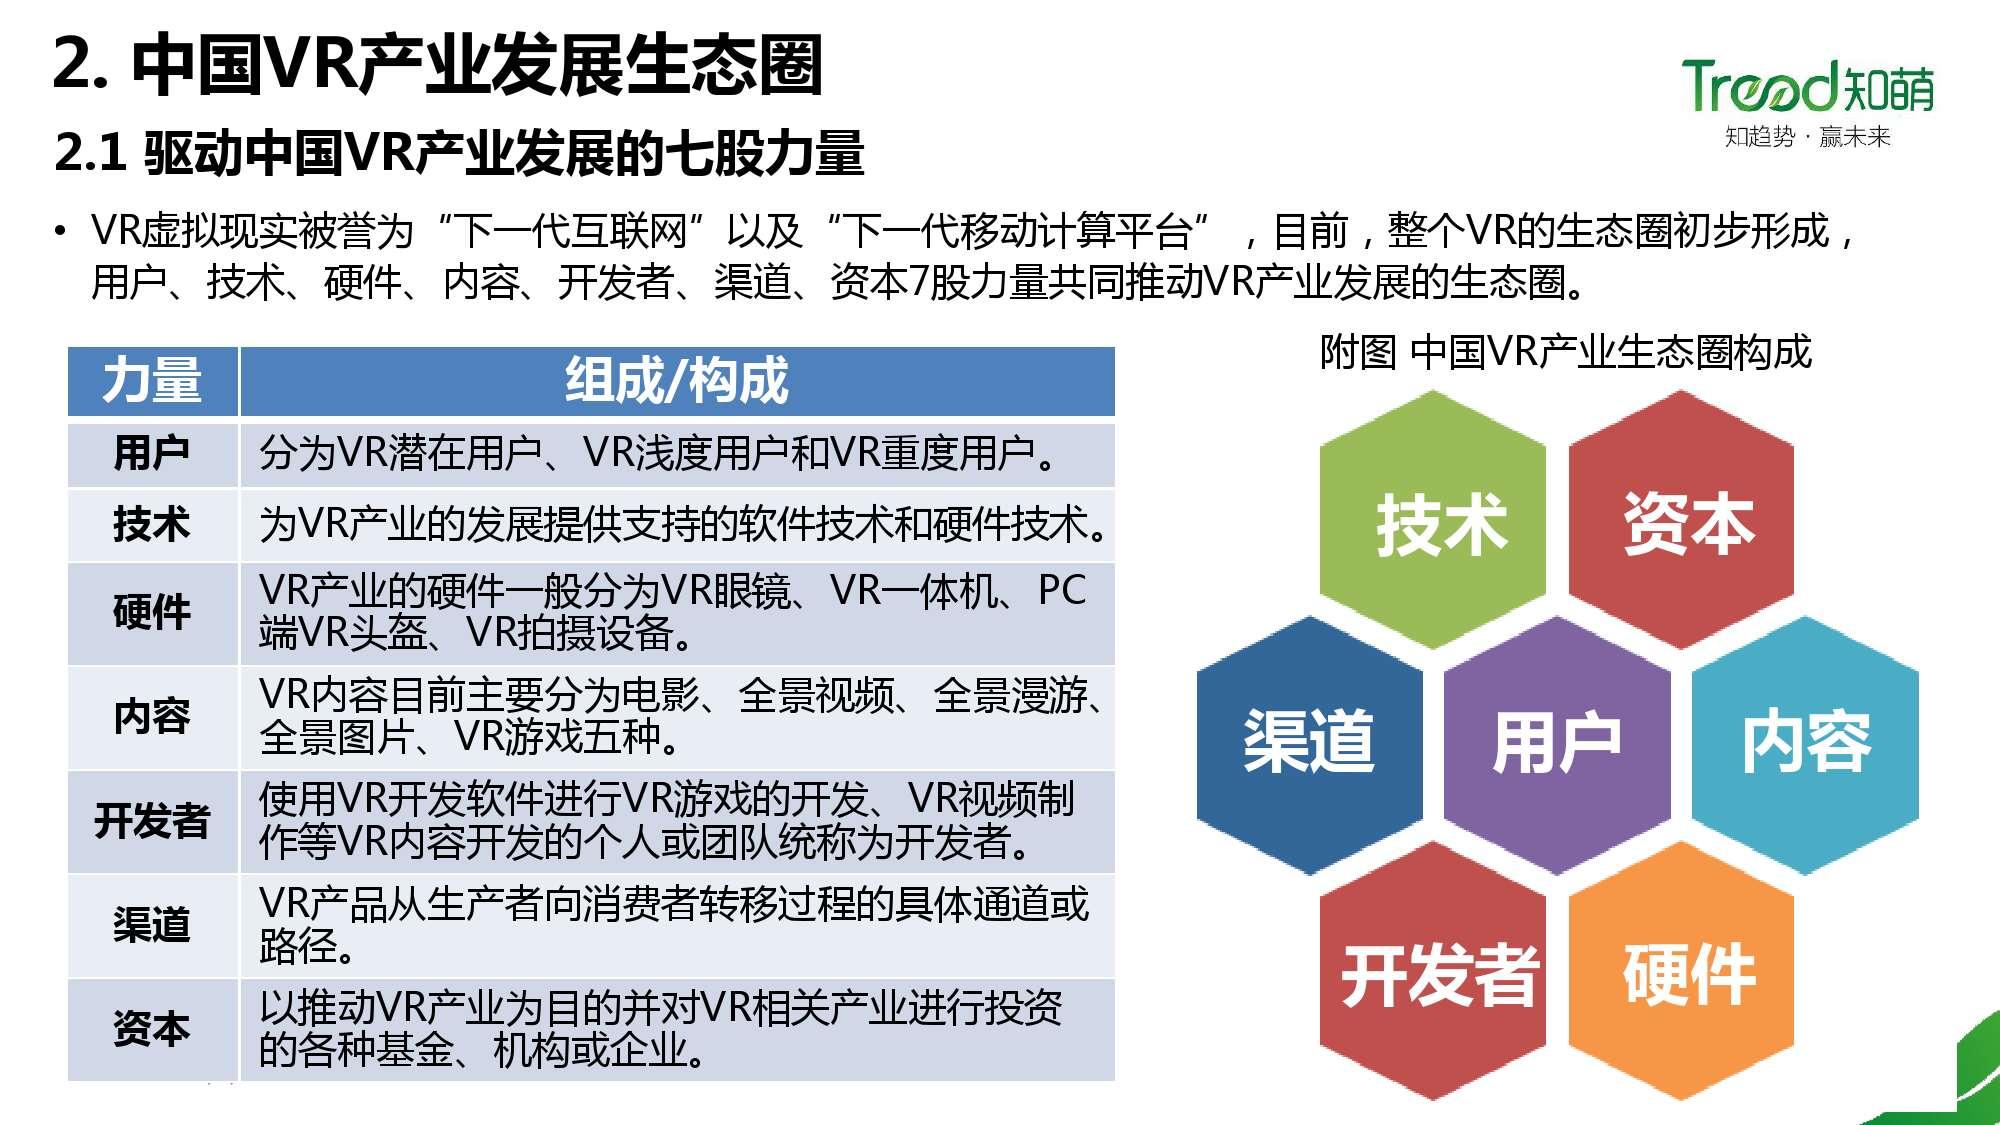 中国VR用户行为研究报告_000008